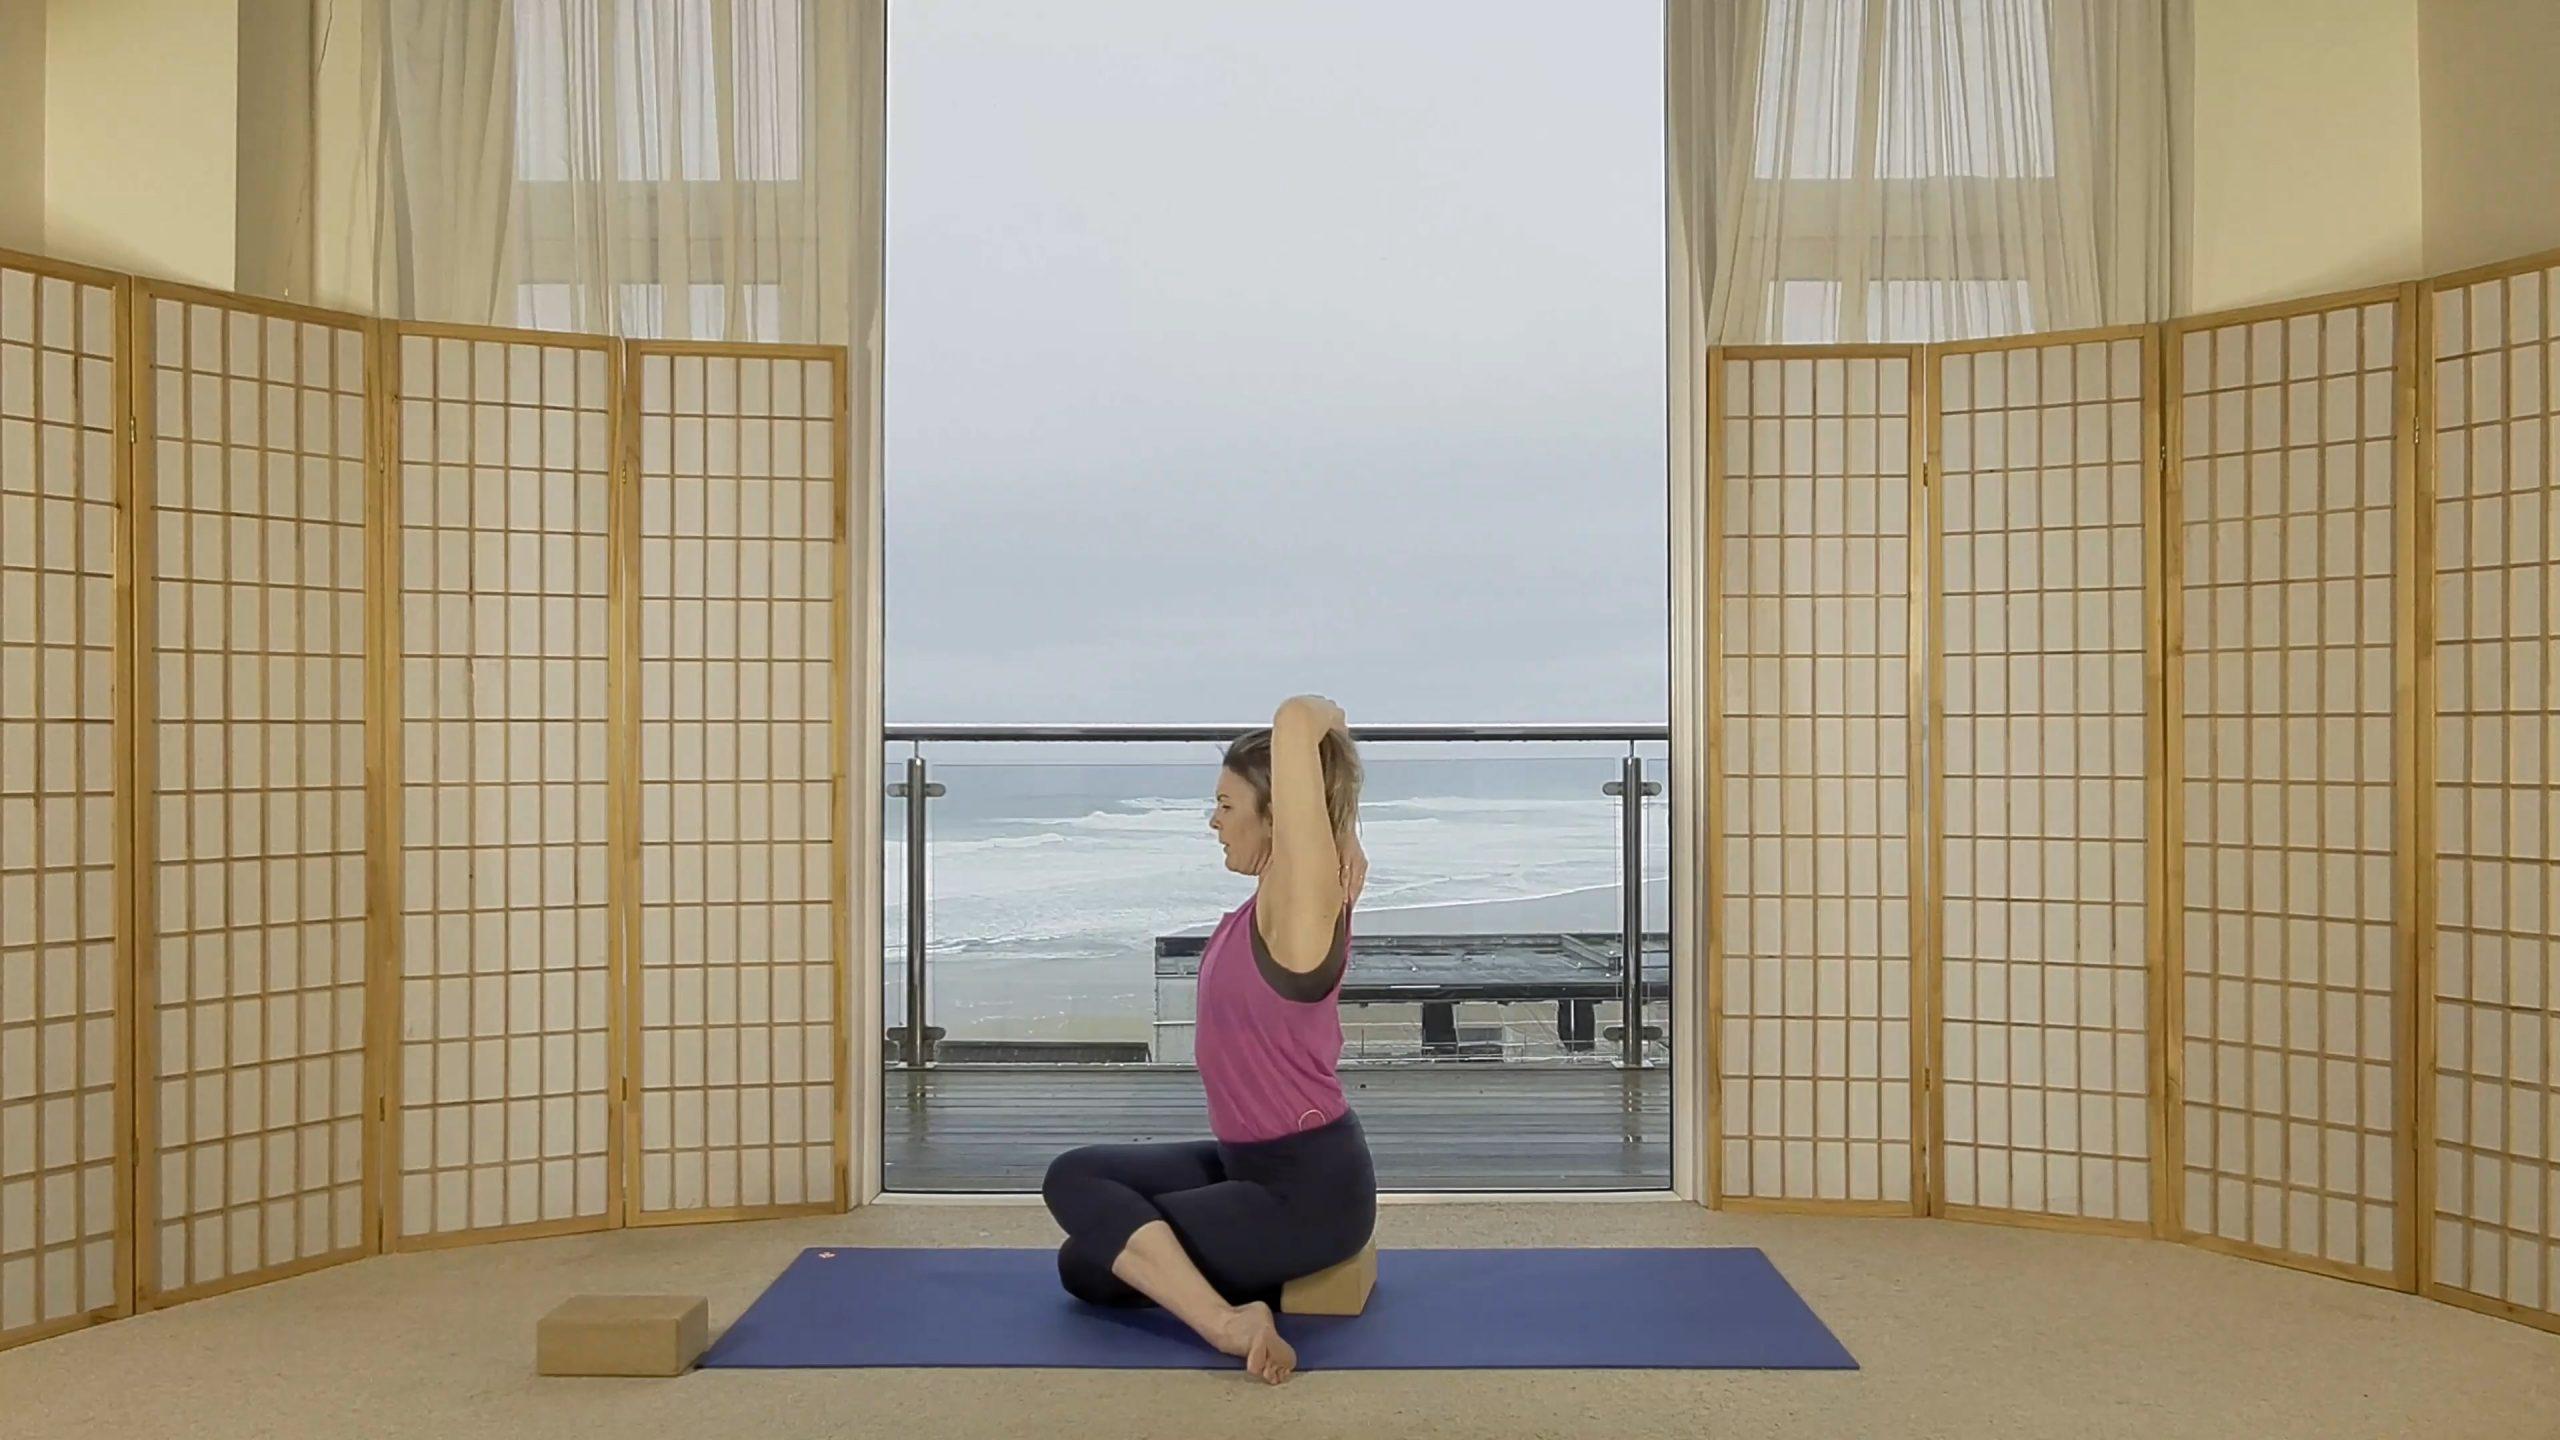 on demand yoga flow hips katonah oceanflow